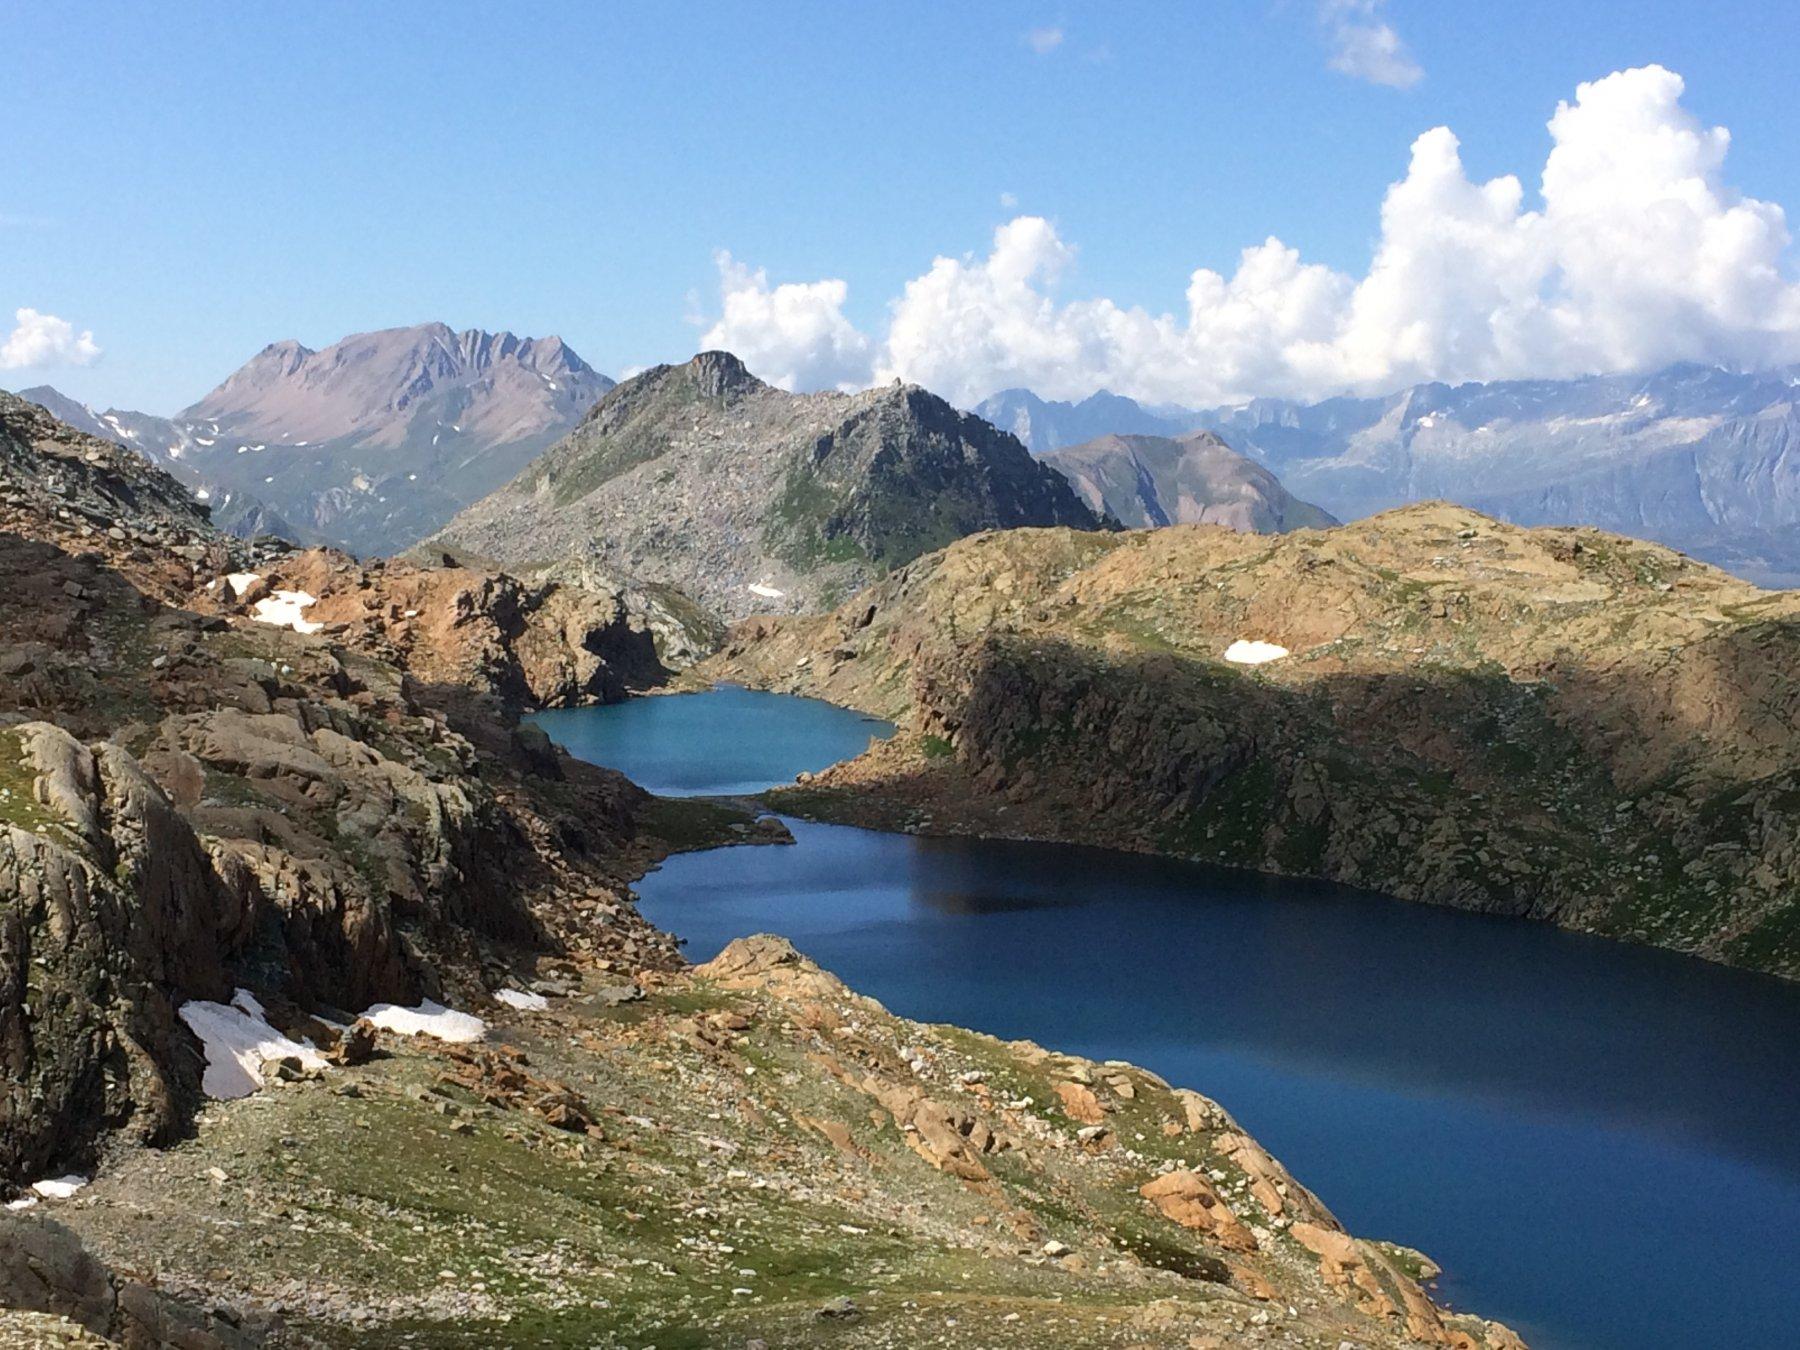 Rossa (Passo della) dall'Alpe Devero, anello per il Passo di Crampiolo 2019-08-25